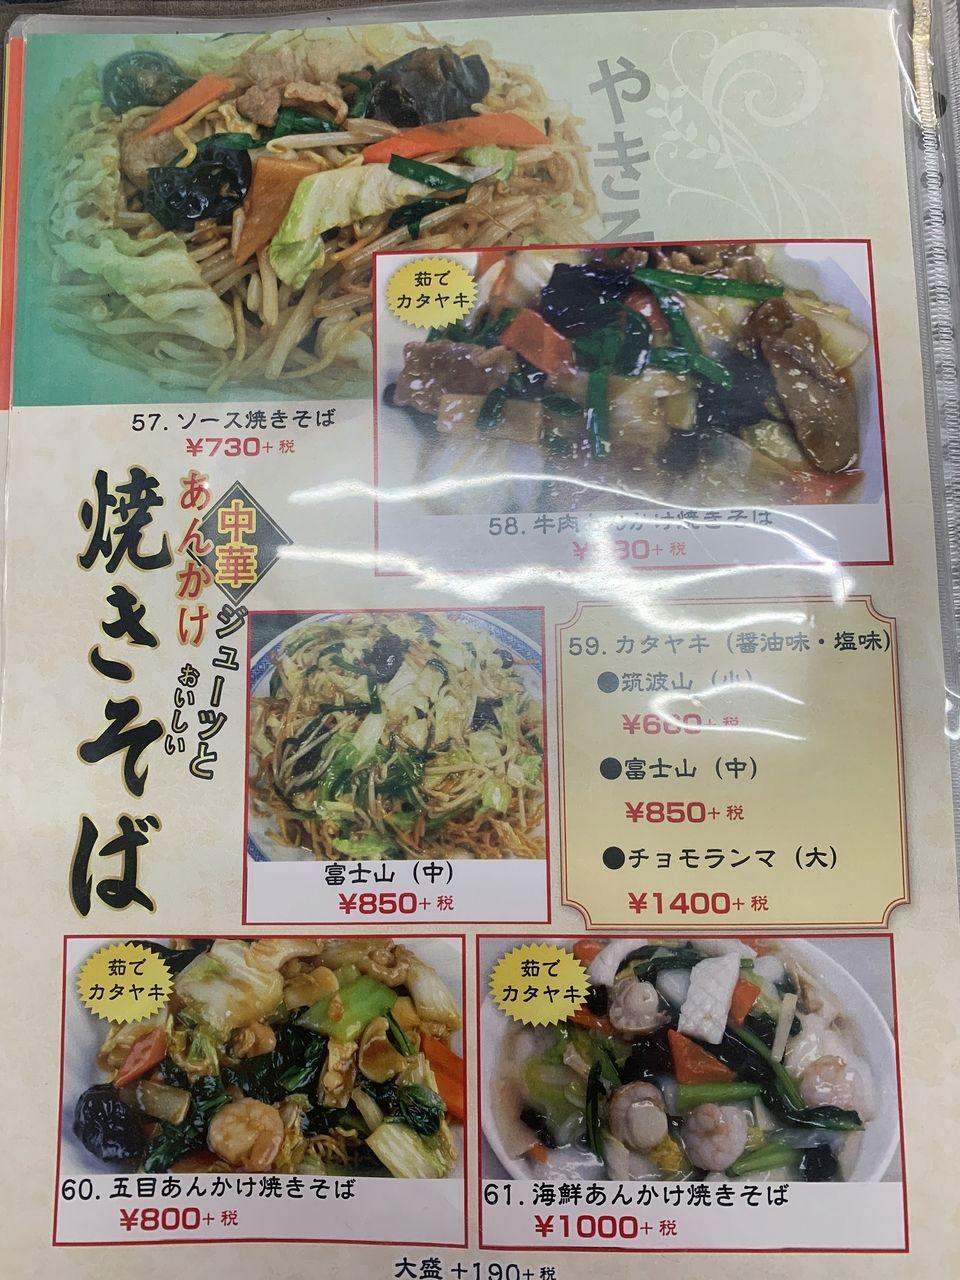 【三郷市食べ歩きブログ】さよならと感謝の気持ちで最後に行ってきました!「ポパイラーメン香港料理」が三郷市早稲田8丁目から移転します。